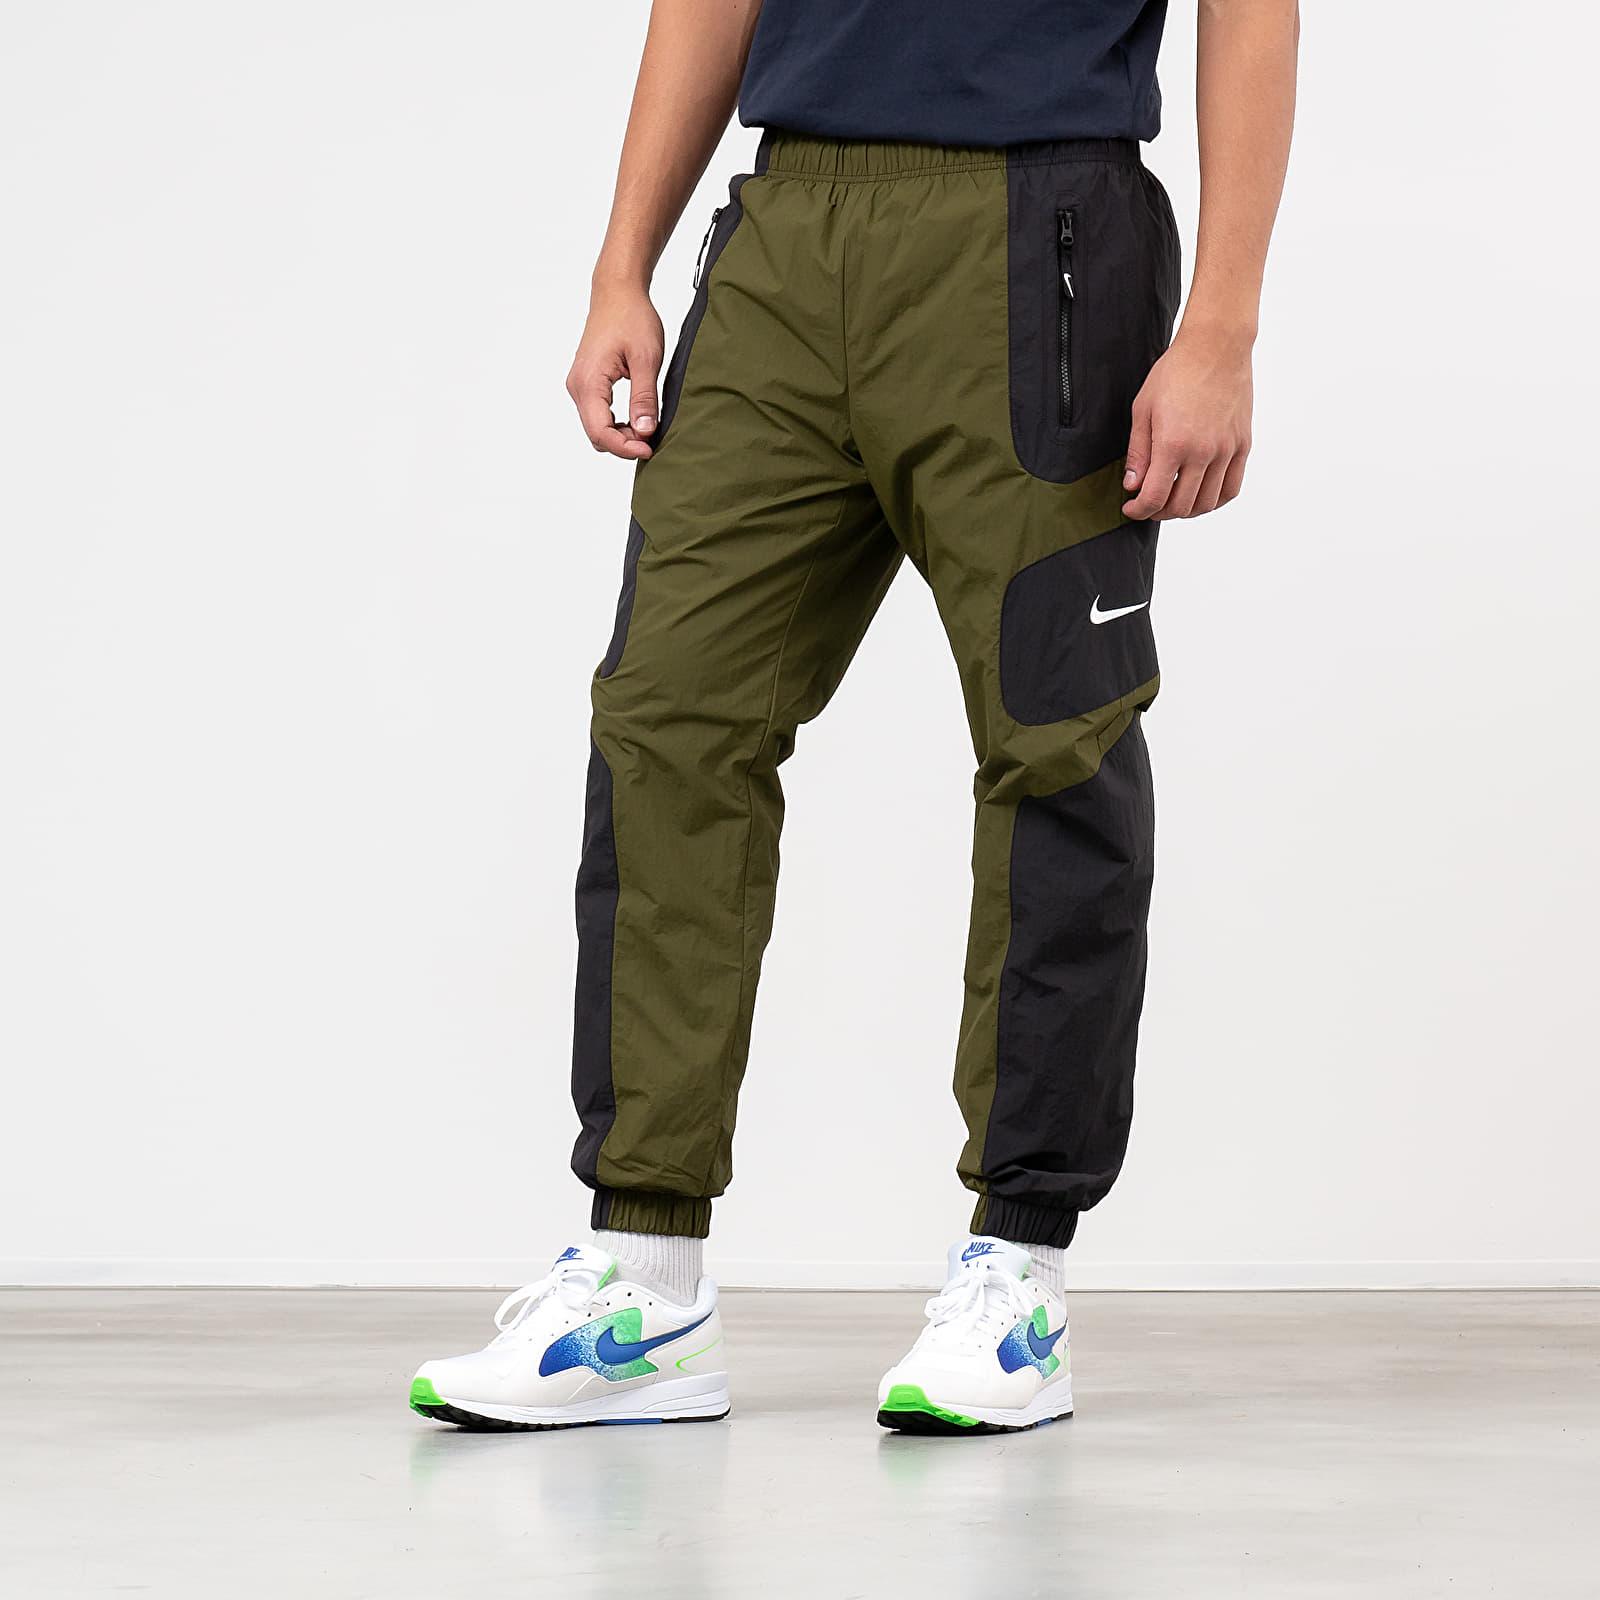 Nike Sportswear Re-Issue Pants